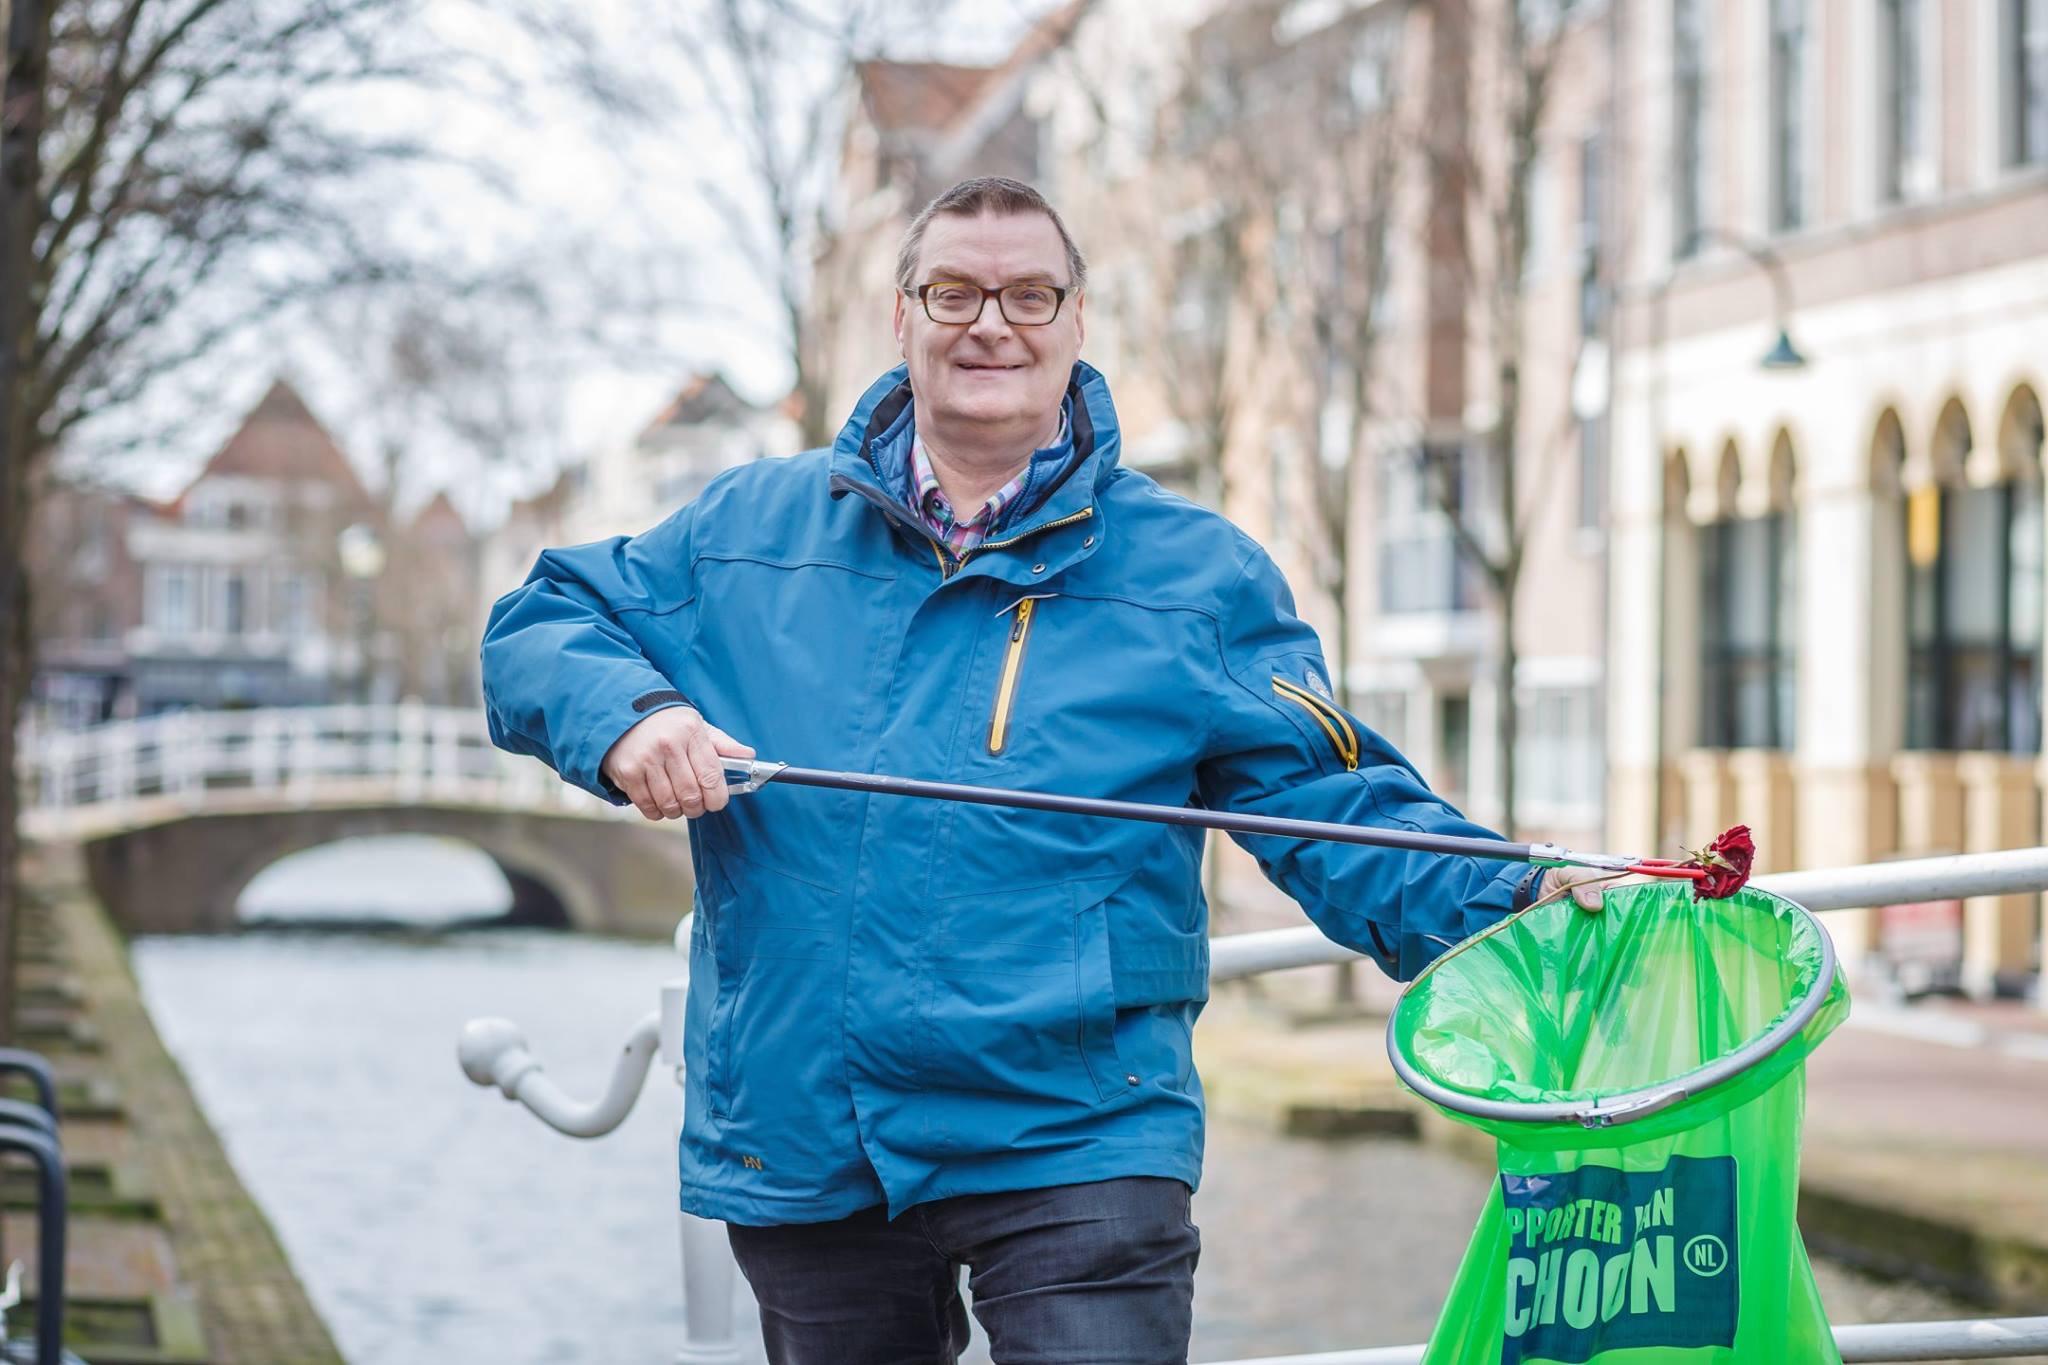 Rijswijk Schoon Erik van der Veer